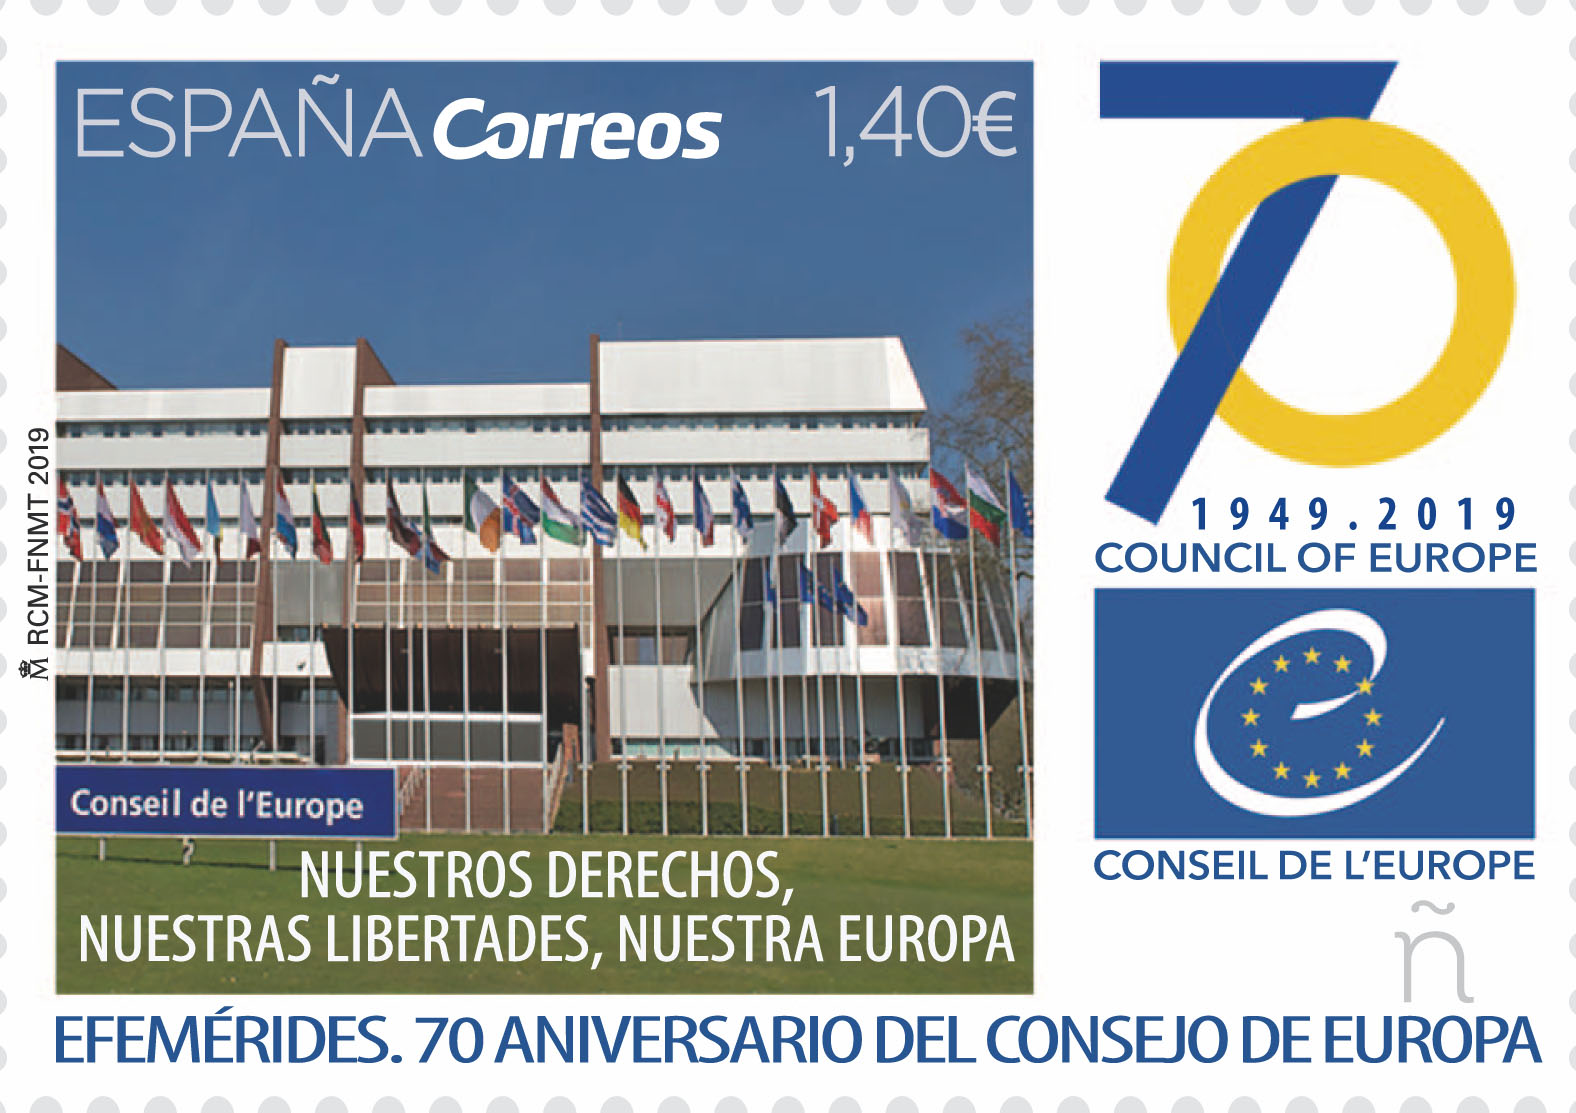 70 aniversario Consejo de Europa